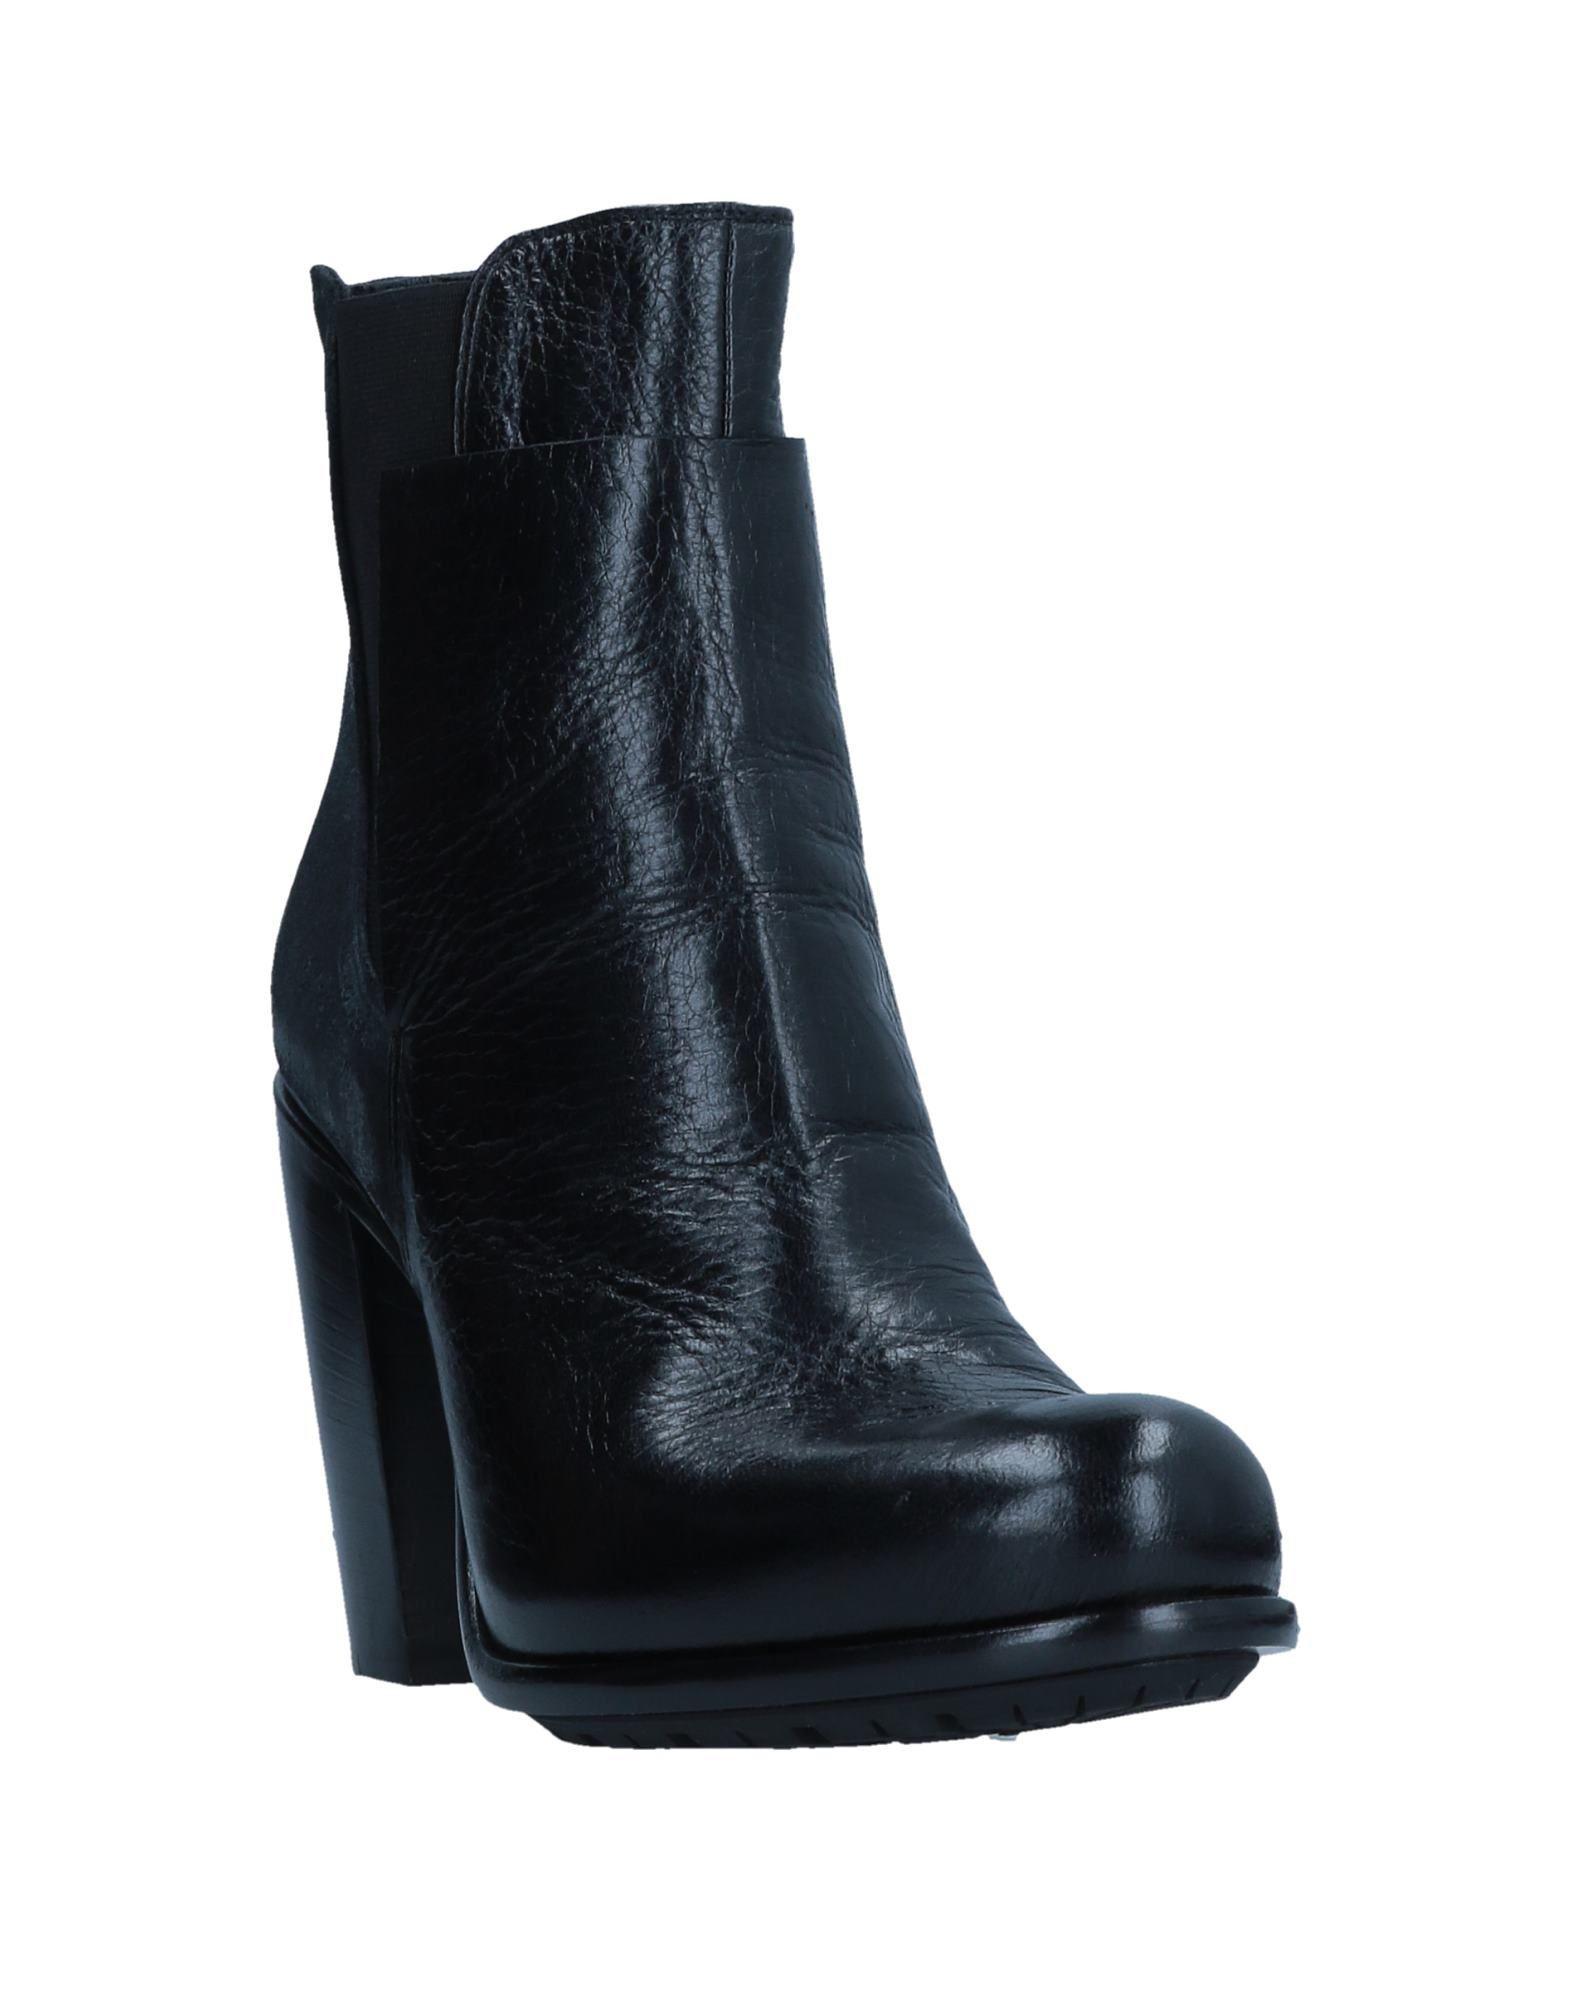 Botines de caña alta Rocco P de Cuero de color Negro